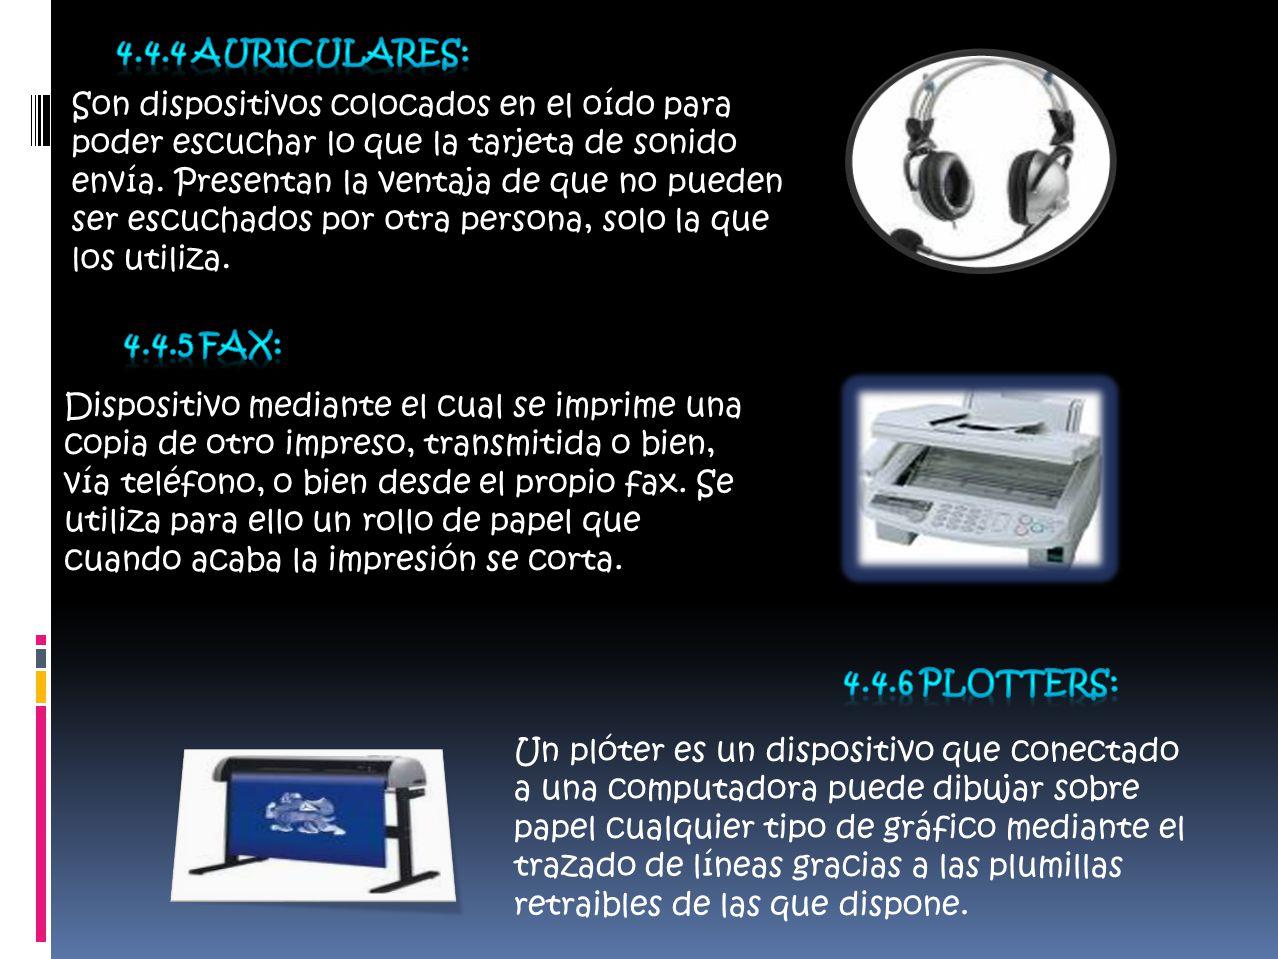 Son dispositivos colocados en el oído para poder escuchar lo que la tarjeta de sonido envía.